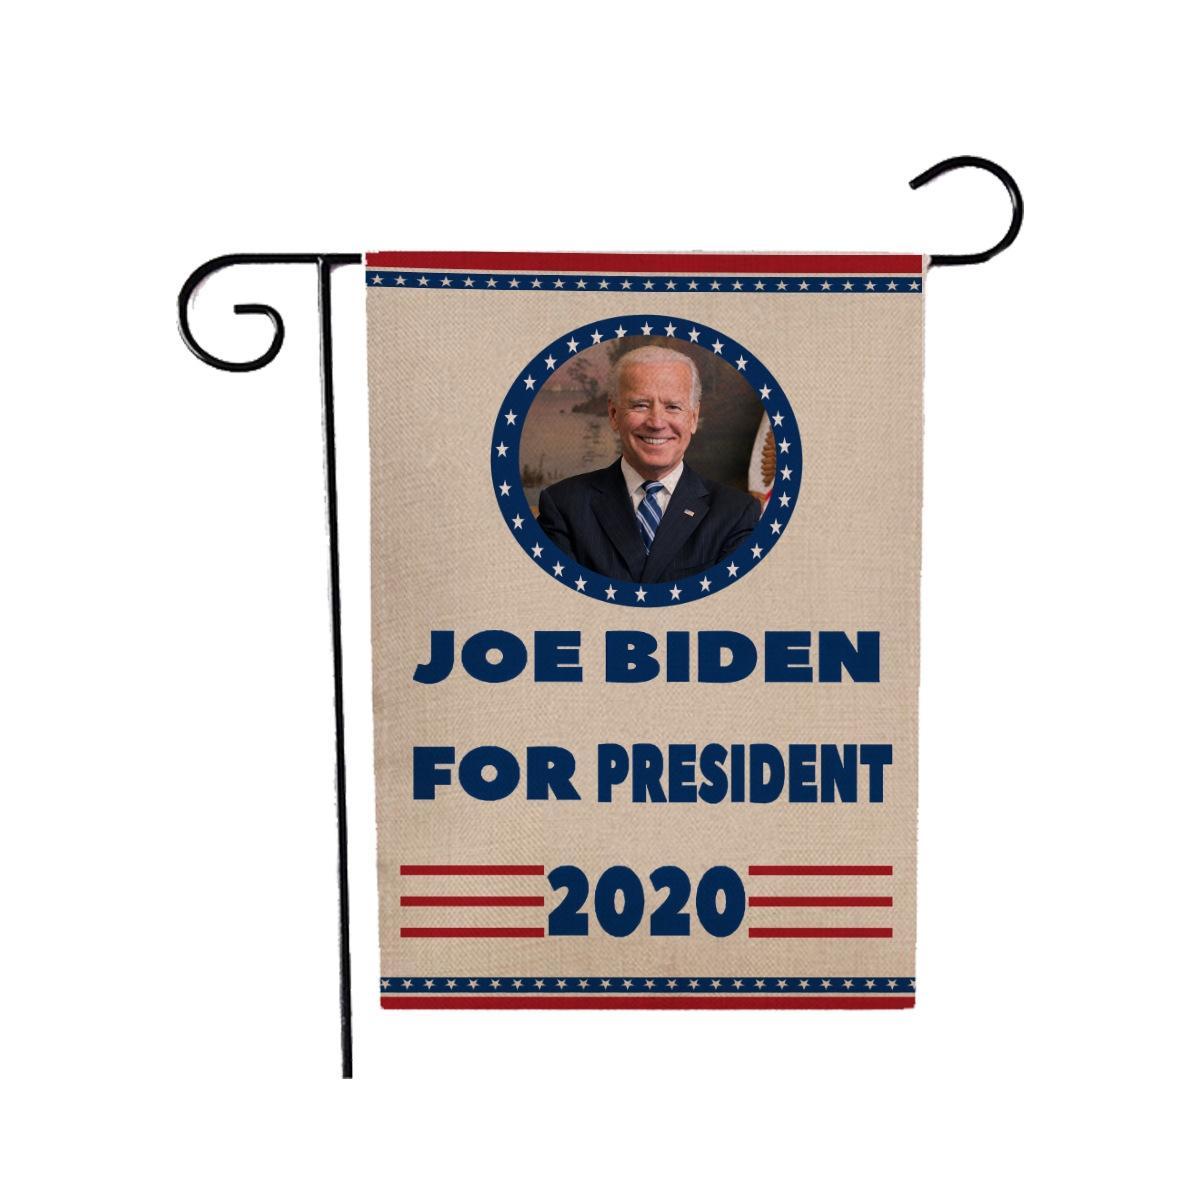 10 1Pcs 2020 Banderas Donald BidenBiden presidente de la bandera Pequeño Elección de mano Biden palo de la bandera Keep America grande para la decoración del hogar # 587